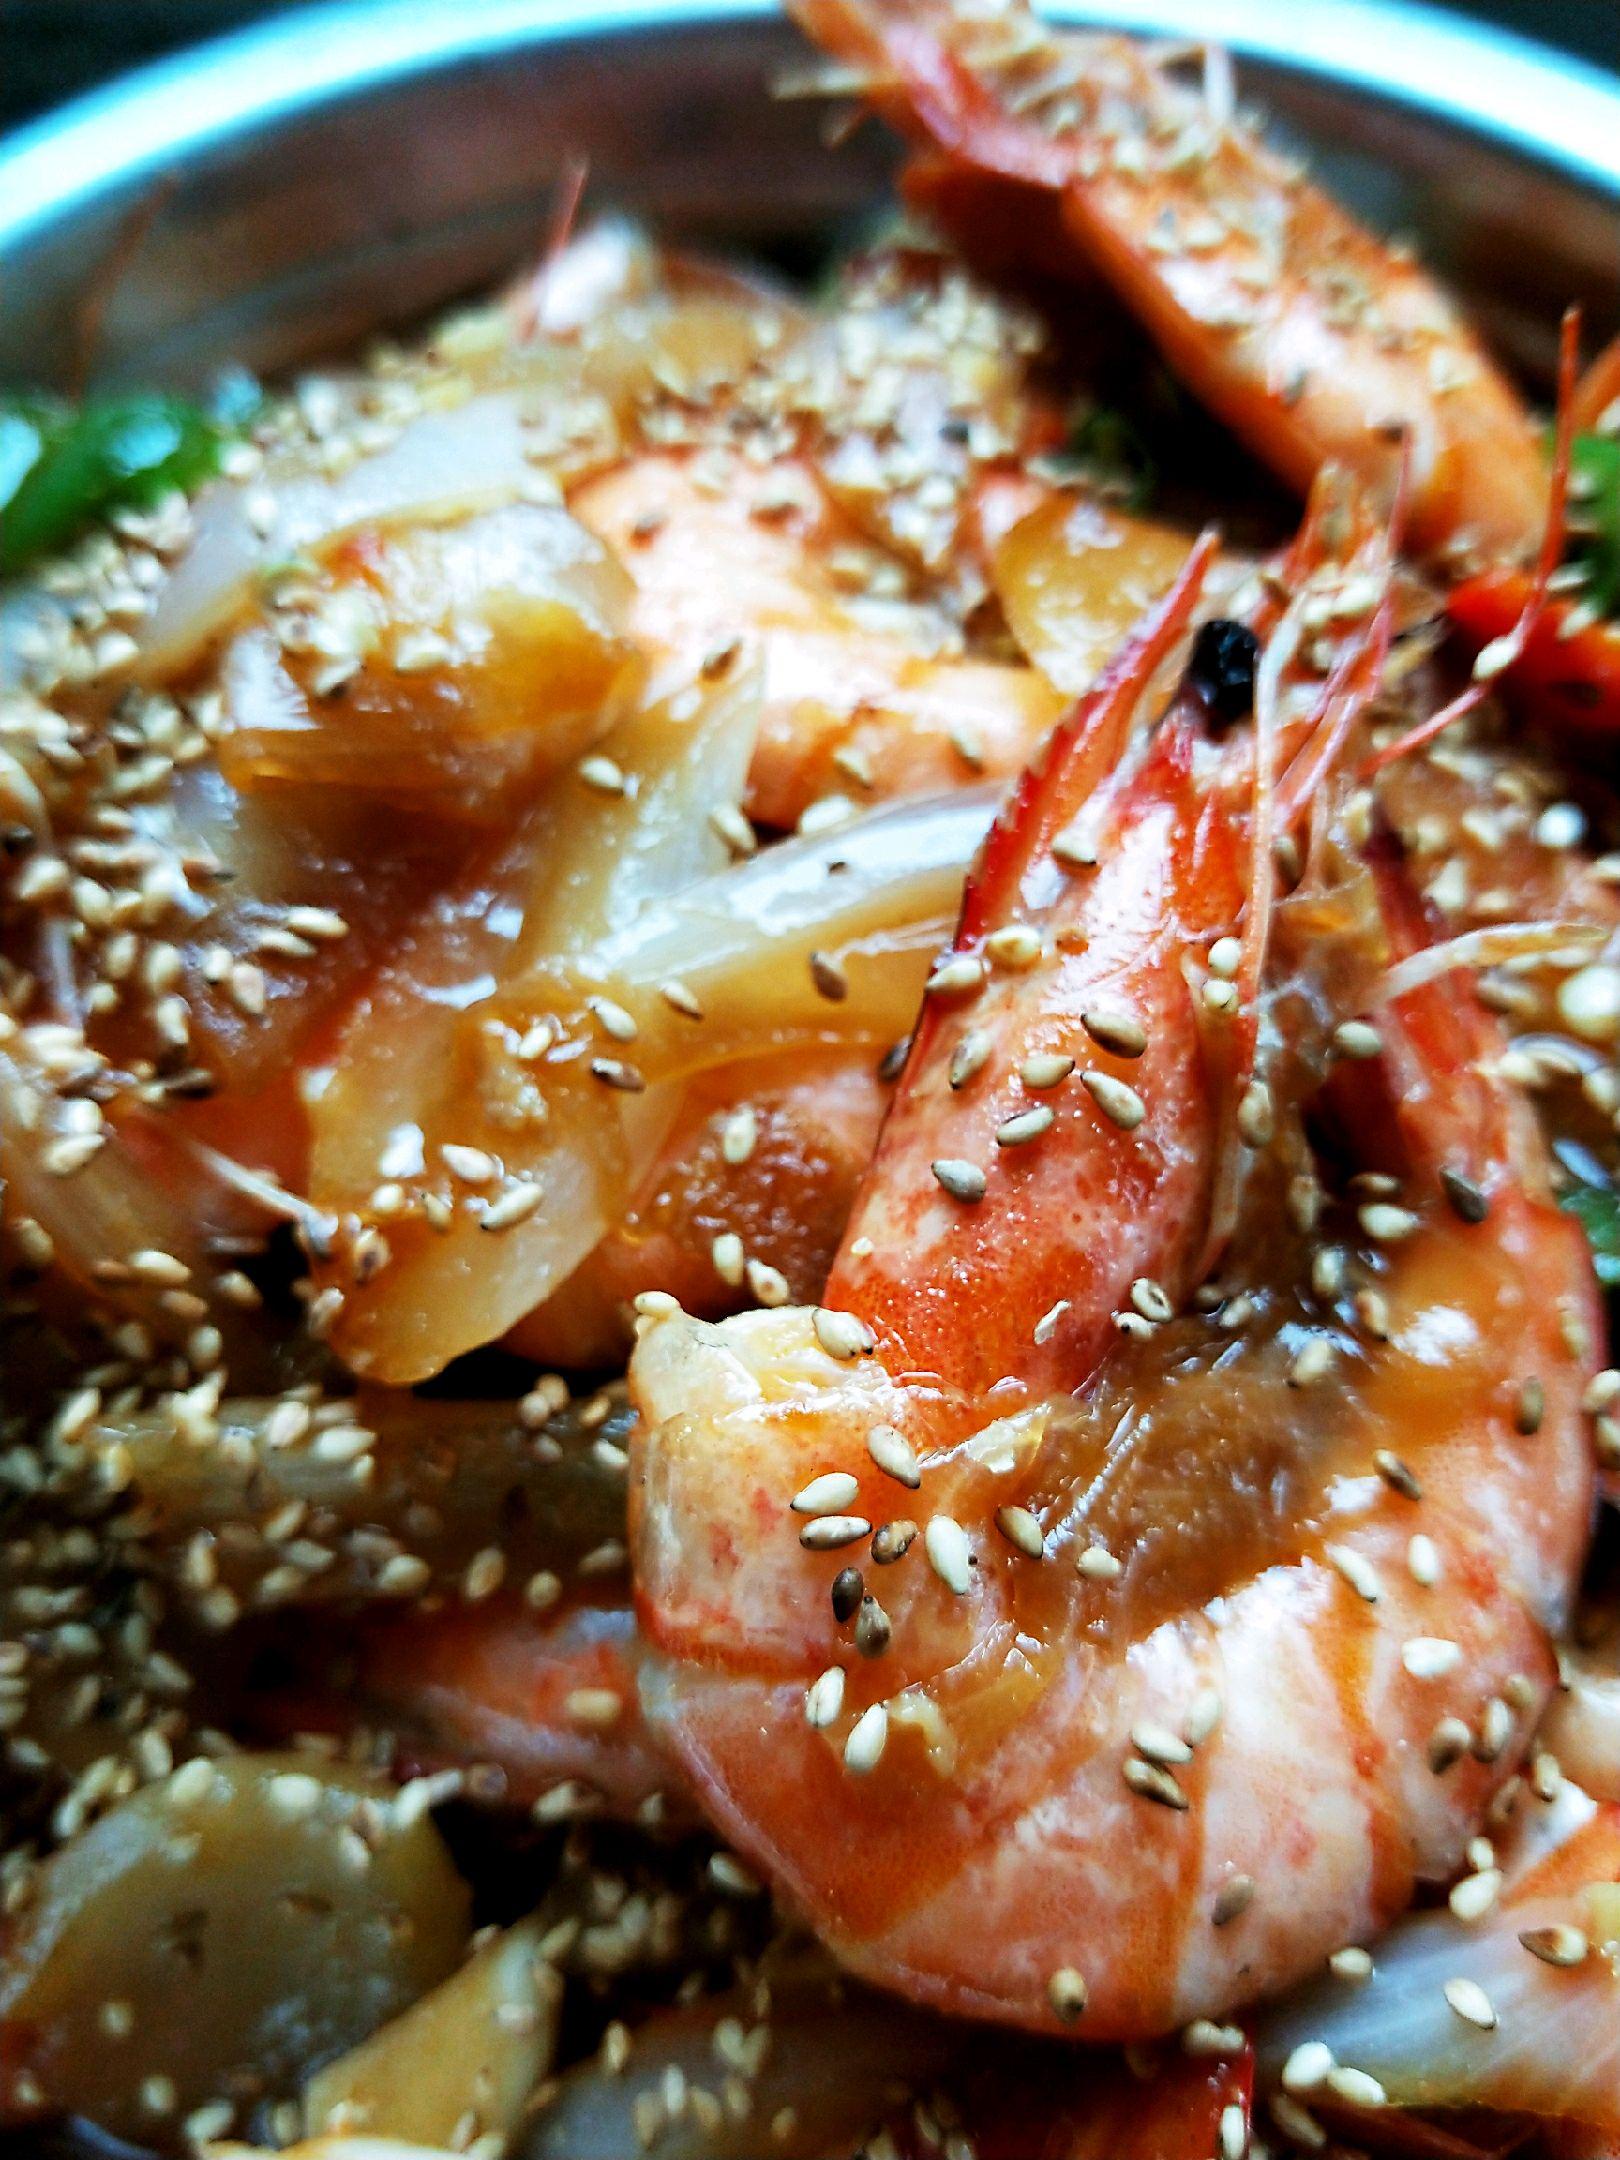 洋葱芝麻虾视频制作专题图片